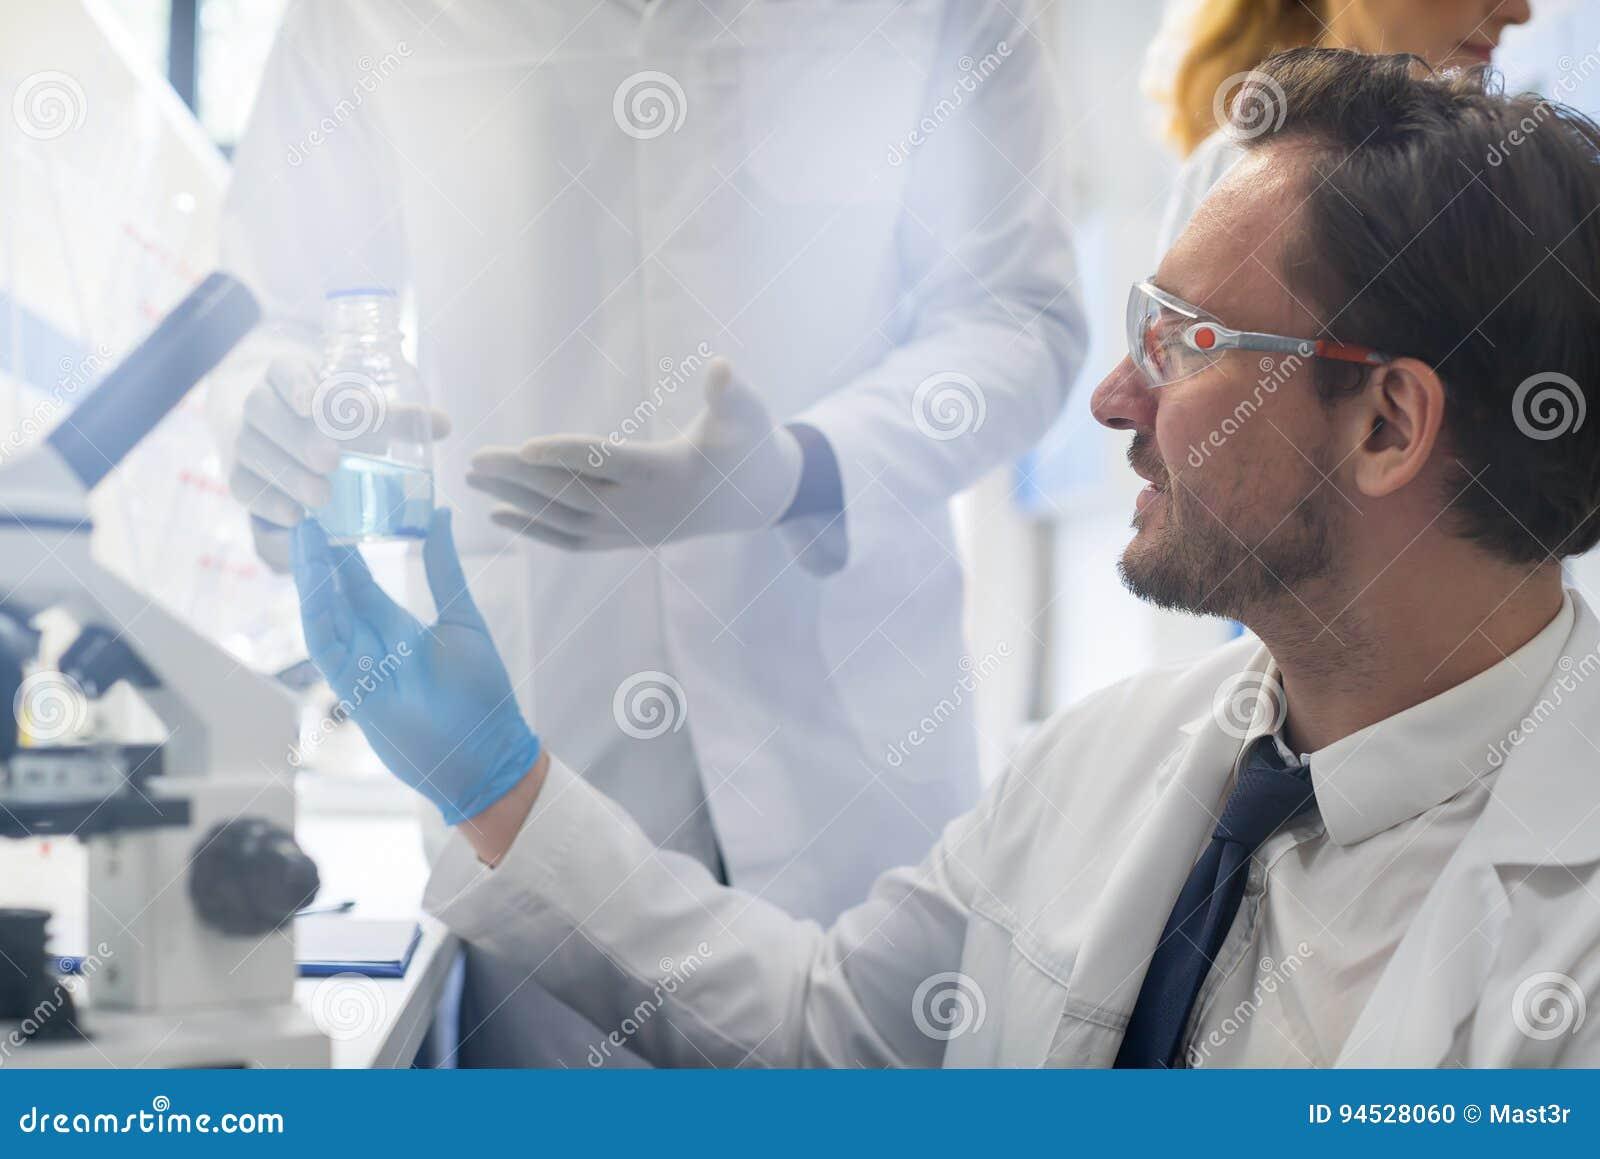 Αρσενικός επιστήμονας που συνεργάζεται με το μικροσκόπιο, την ομάδα στο εργαστήριο που κάνει την έρευνα, τον άνδρα και τη γυναίκα